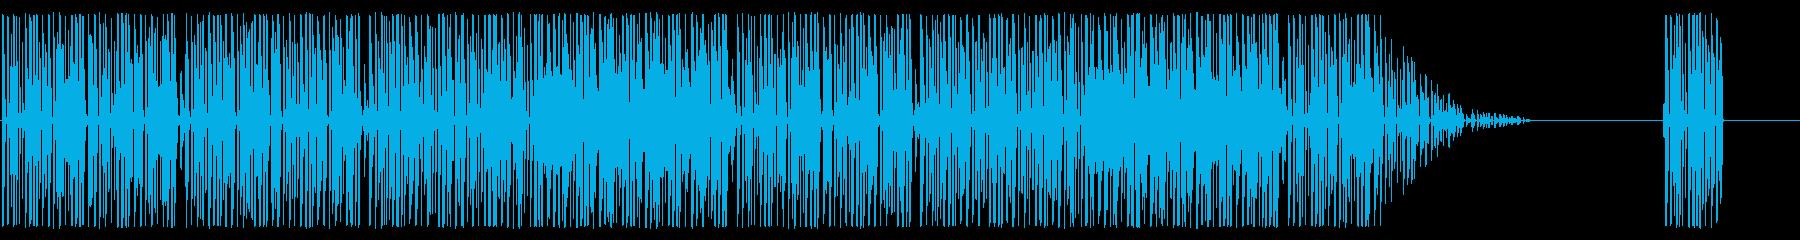 R&B / Bluesインストゥル...の再生済みの波形